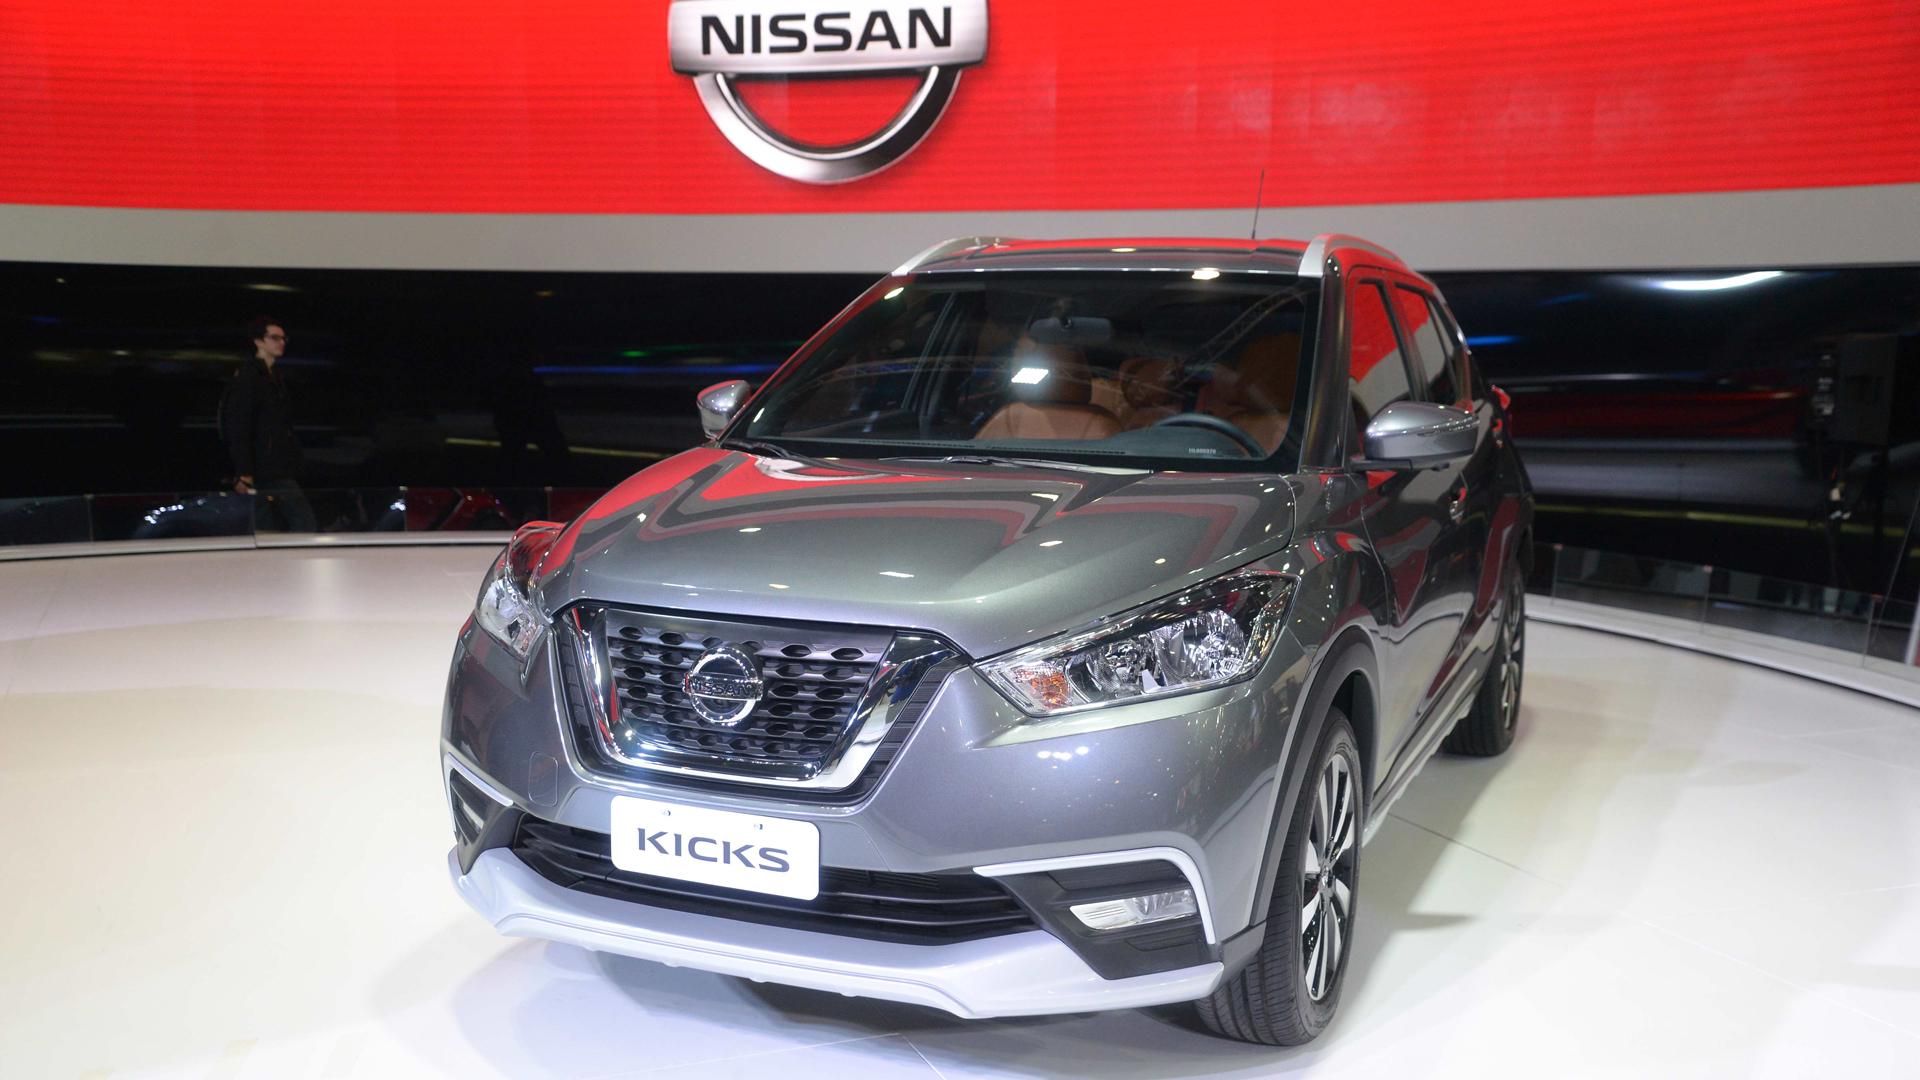 El Nissan Kicks se ofrecerá desde 448.000 pesos en su versión más económica hasta su tope de gama, de 490.000 pesos (Enrique Abatte)